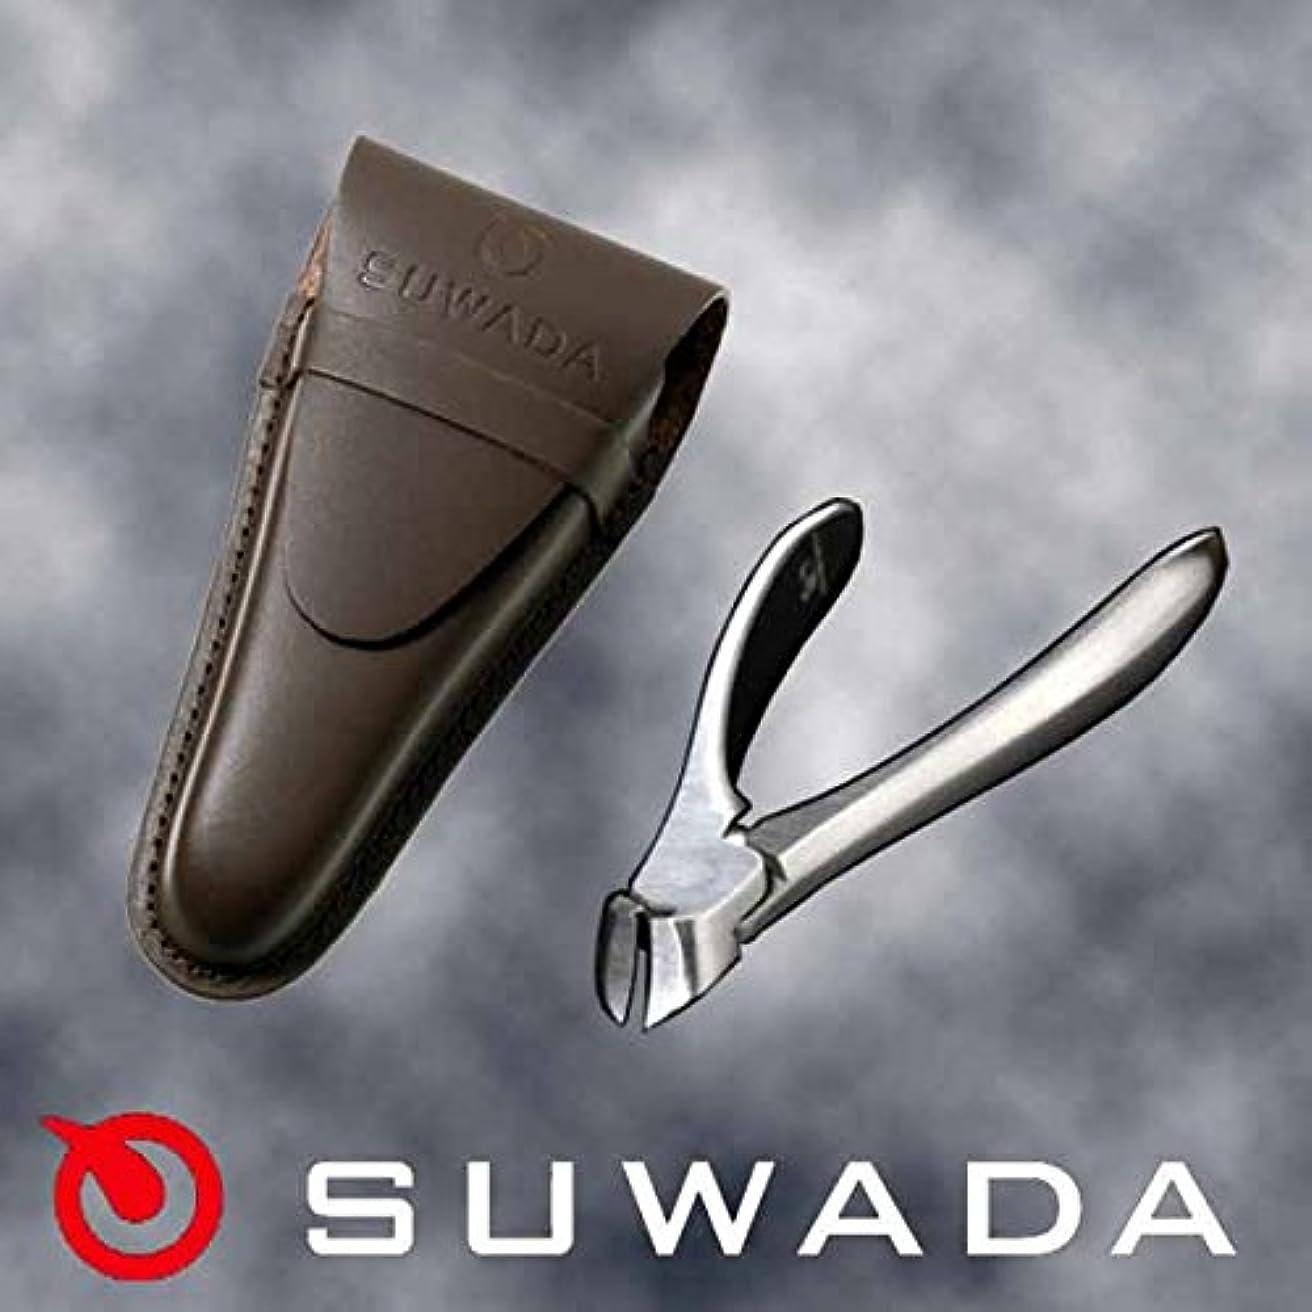 オーバーランアセ委任SUWADA爪切りクラシックS&ブラウン(茶)革ケースセット 特注モデル 諏訪田製作所製 スワダの爪切り